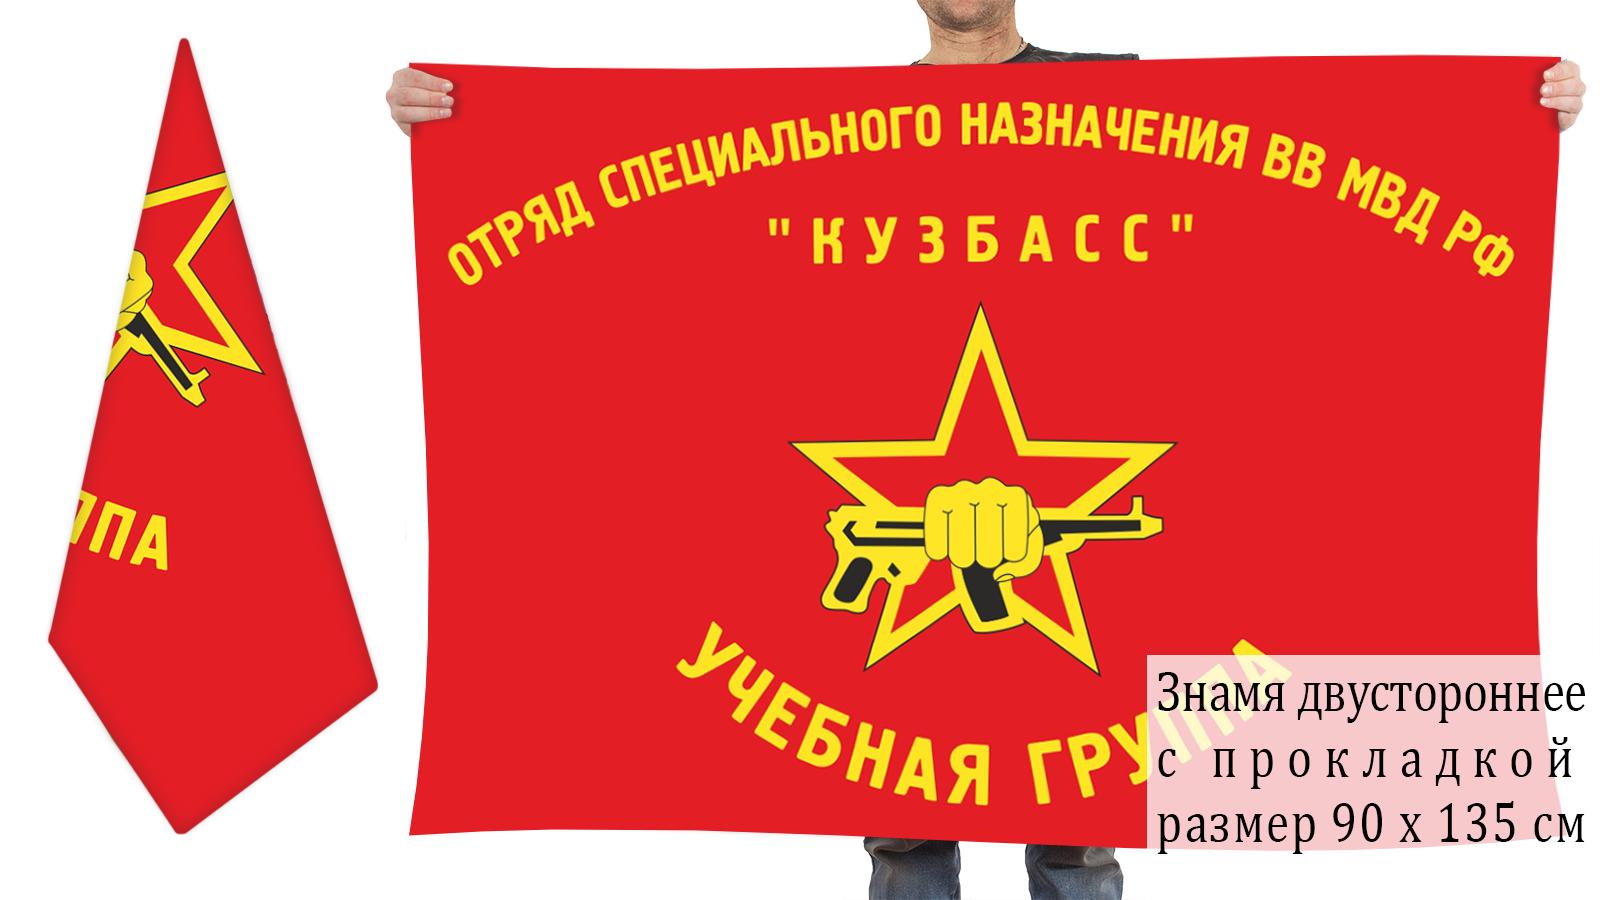 Двусторонний флаг учебной группы отряда спецназа Кузбасс ВВ МВД РФ